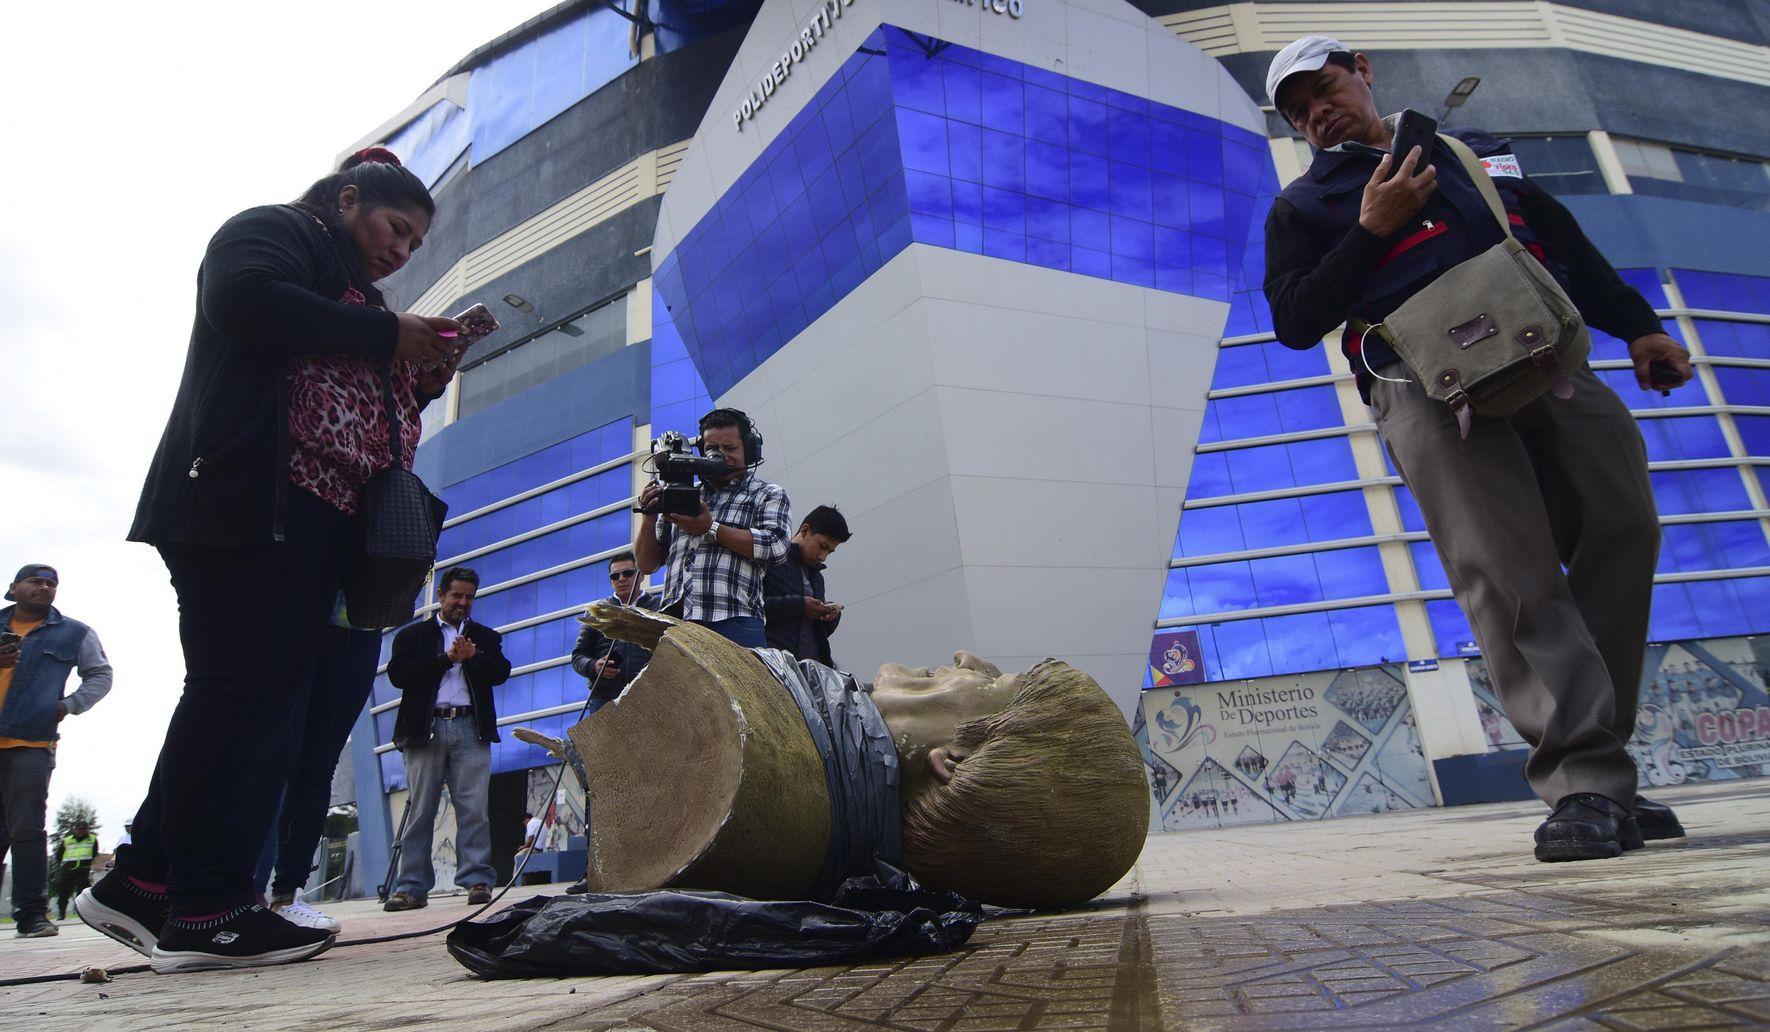 Bolivia_erasing_evo_27712_c0-189-4496-2810_s1770x1032